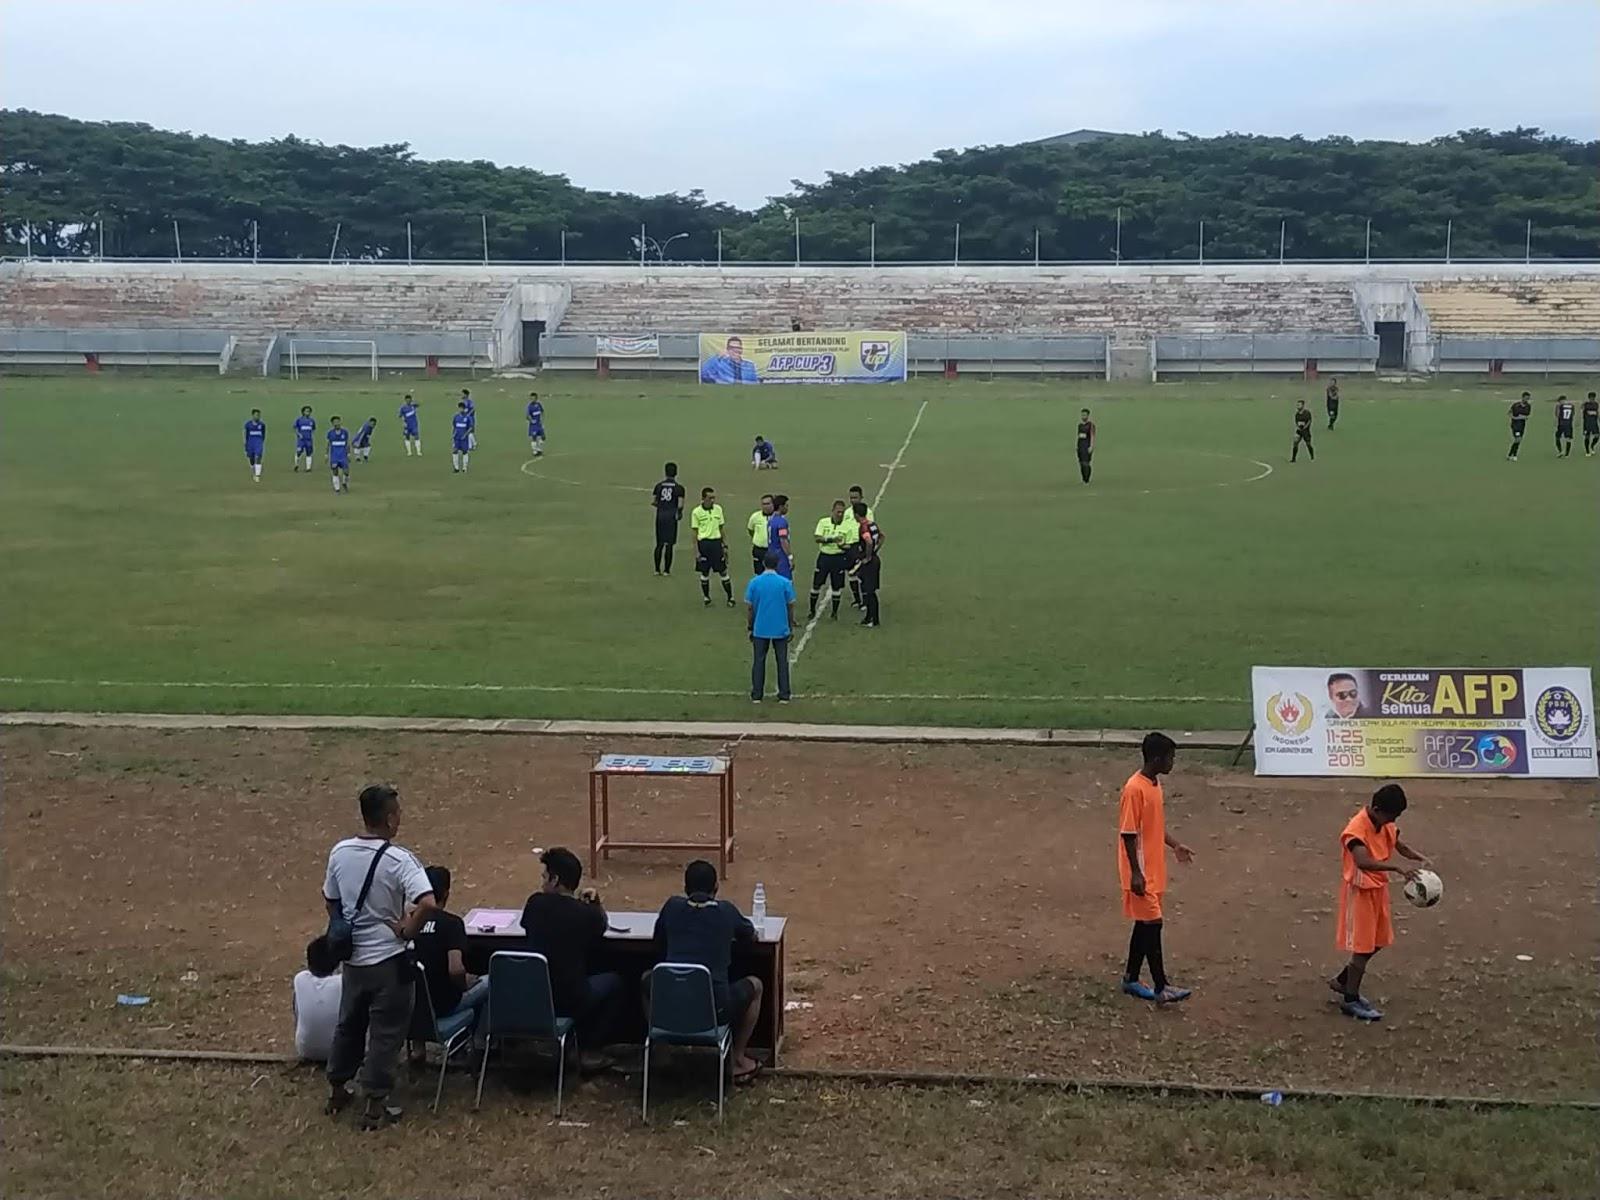 Kalahkan Lamuru, Kecamatan Cina Akan Berhadapan Tellusiattinge di Final AFP Cup 2019